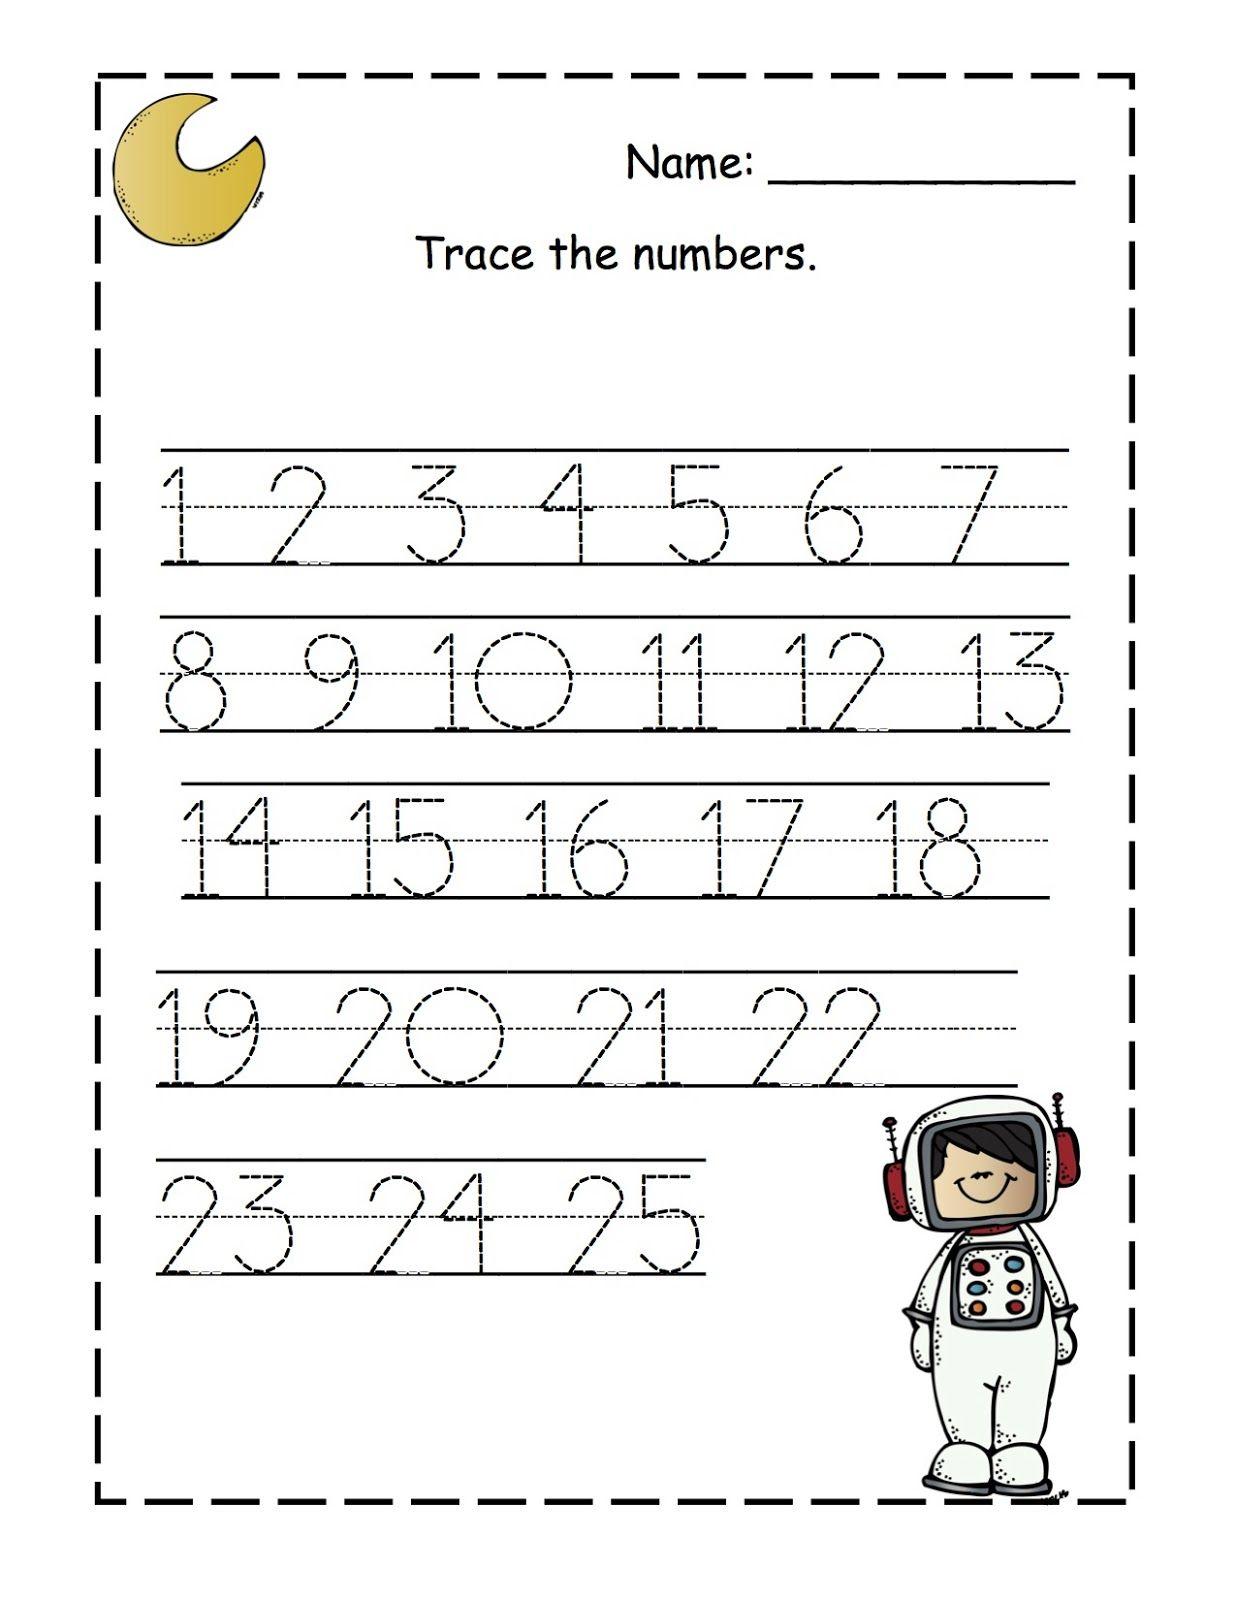 Rocket To The Moon Number Cards Preschool Printables Preschool Worksheets Preschool Printables Dr Seuss Preschool [ 1600 x 1236 Pixel ]